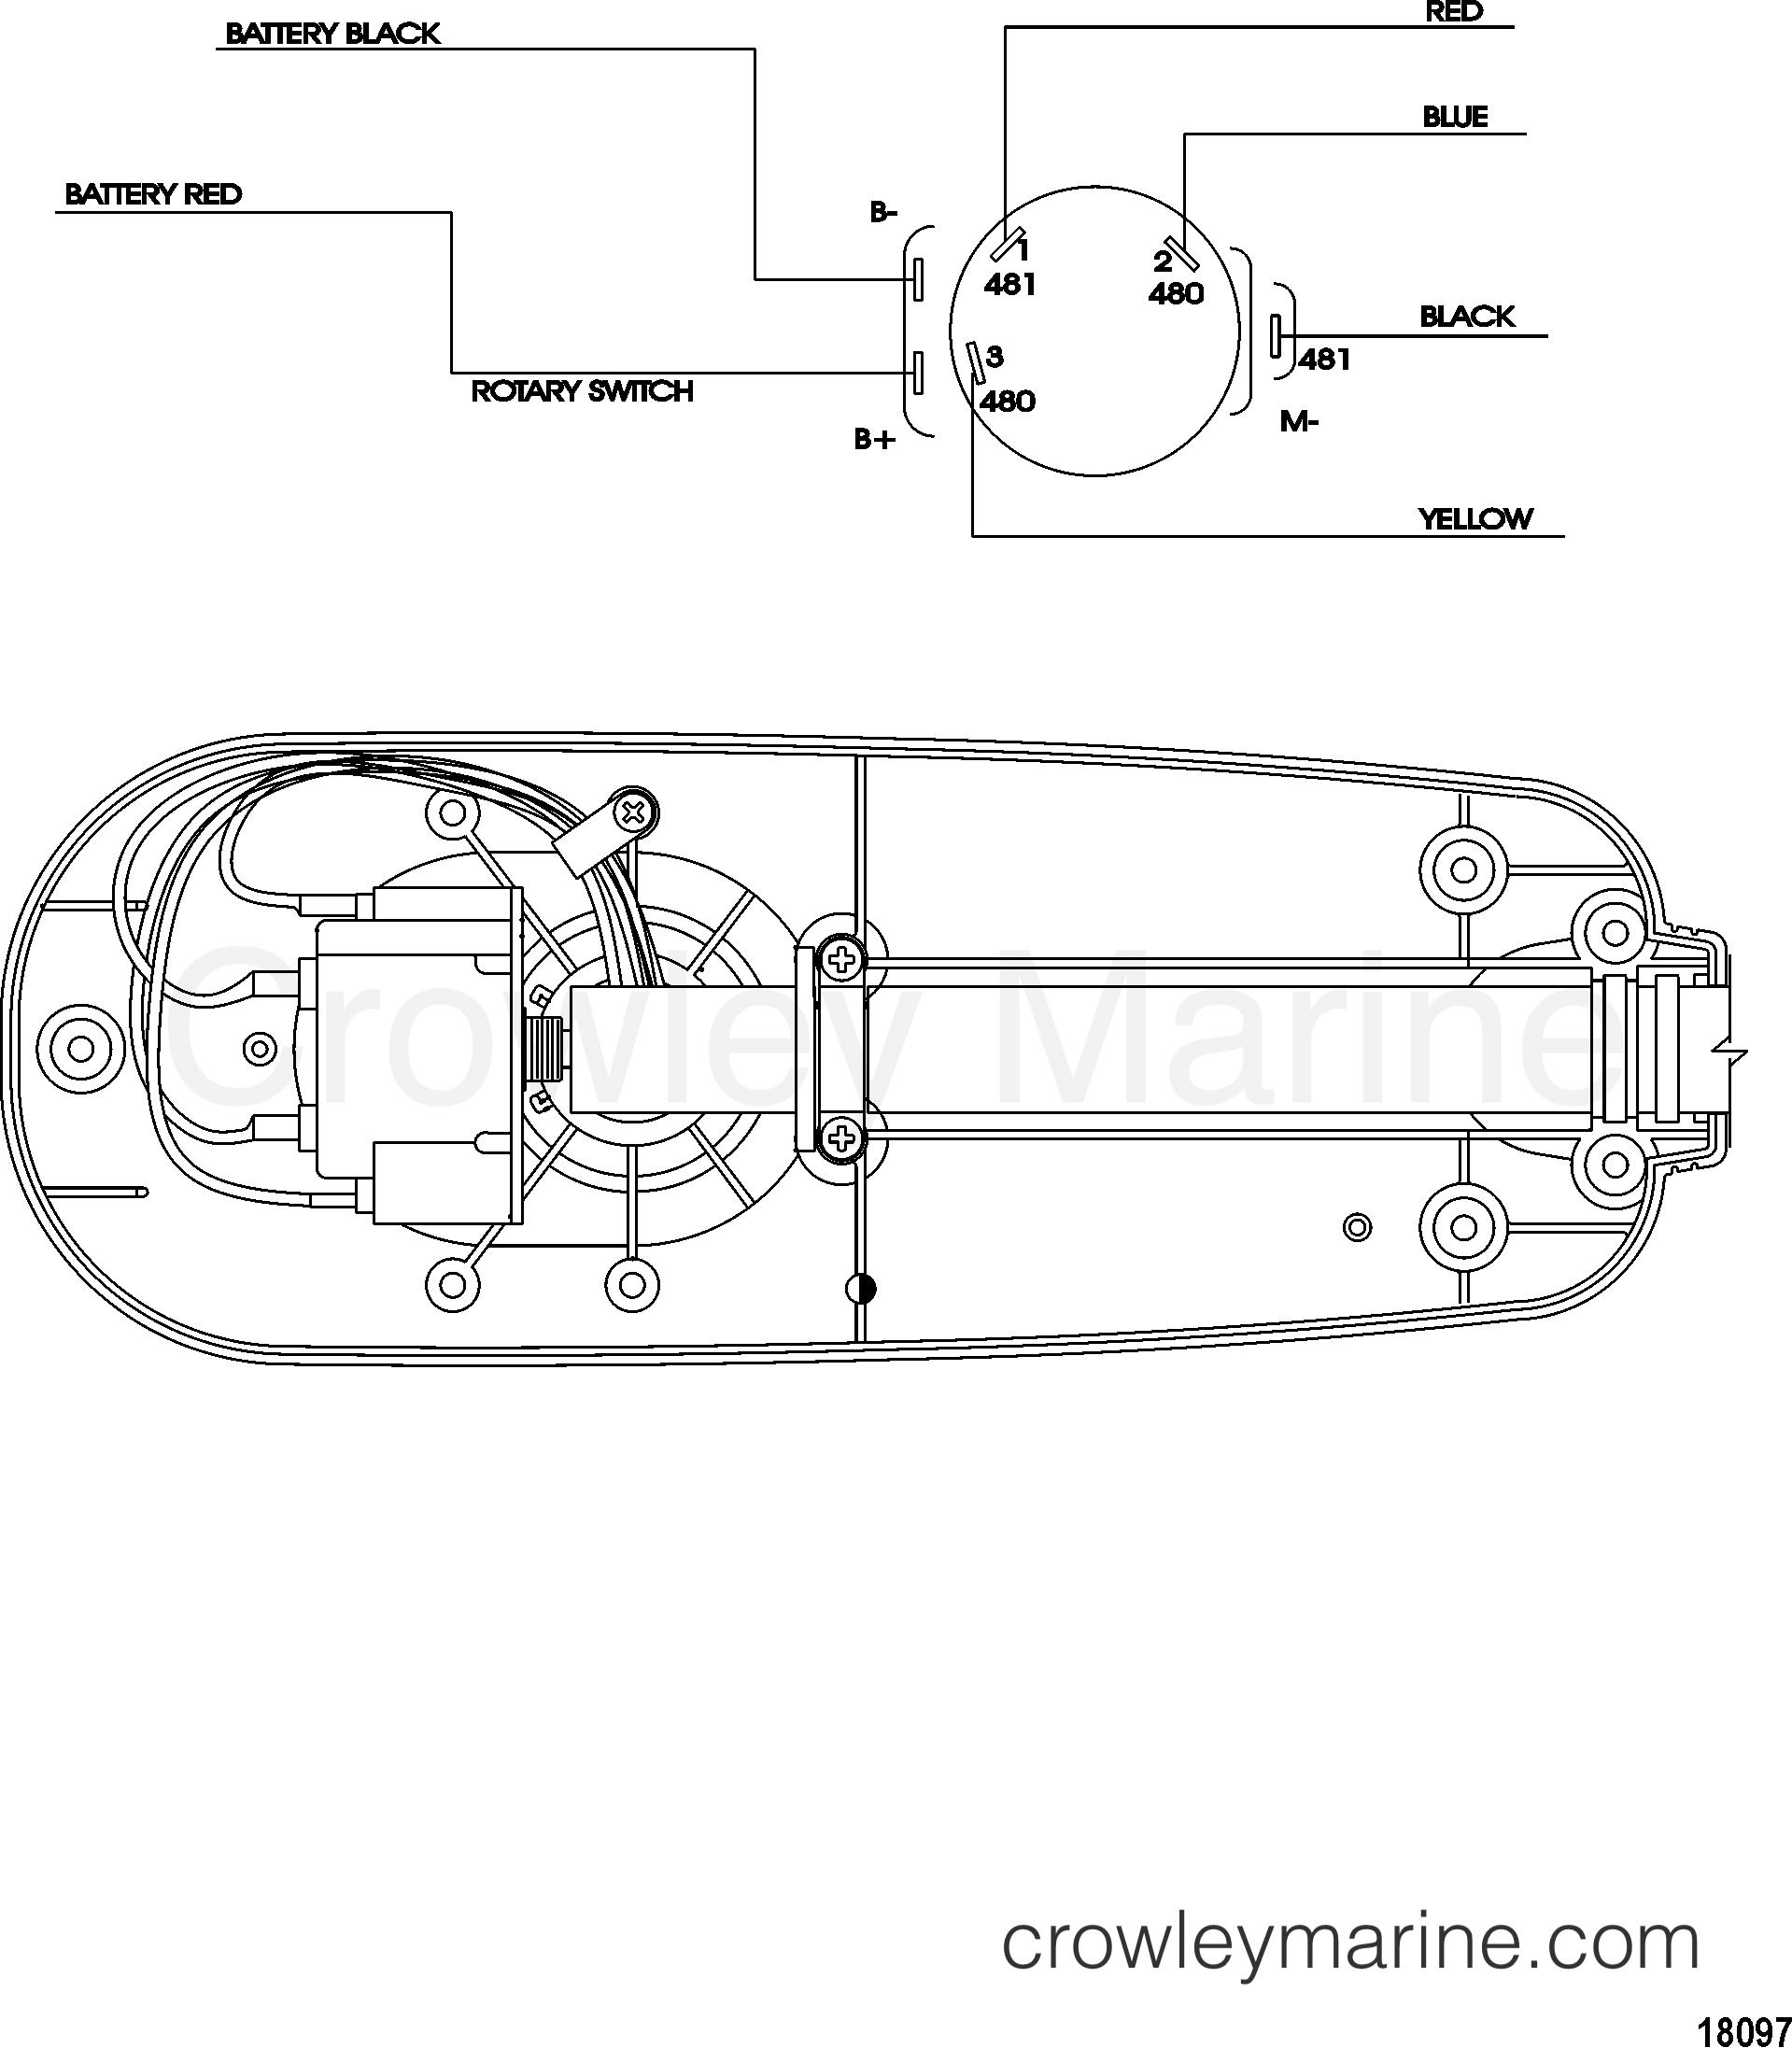 Wiring Diagram Motorguide Brute 765 Trolling Motor on